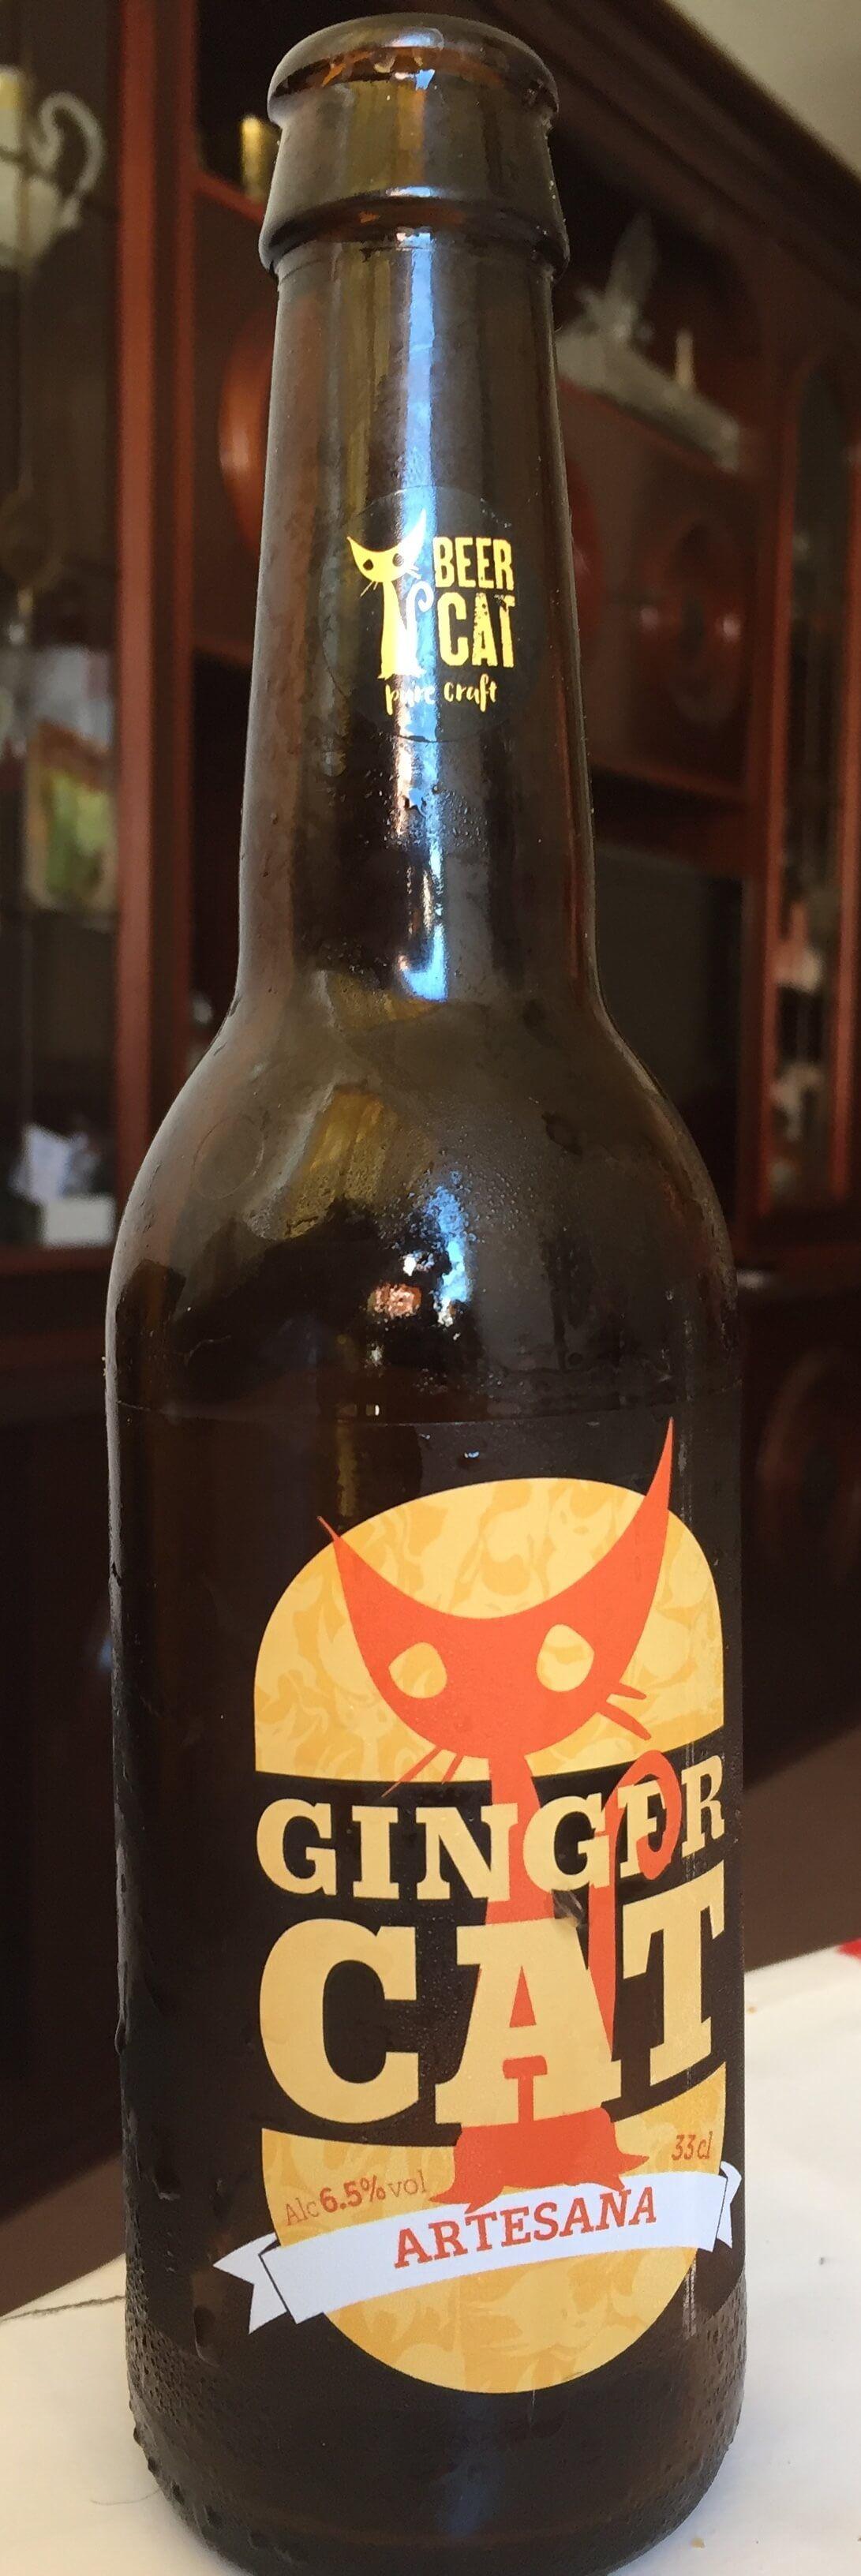 cerveza artesana ginger cat